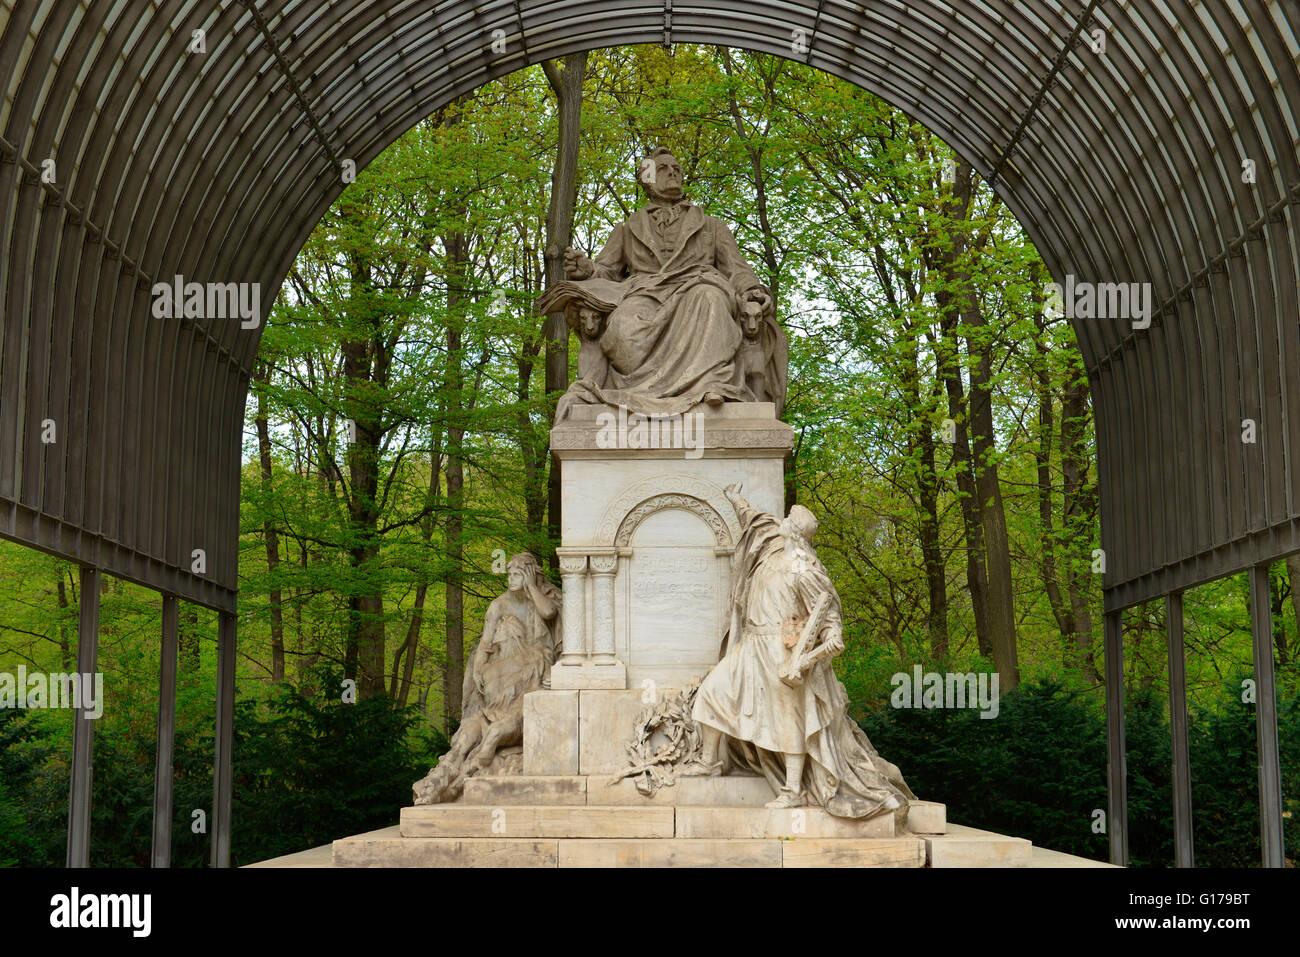 Richard Wagner, Denkmal, Grosser Tiergarten, Tiergarten, Berlin, Deutschland - Stock Image